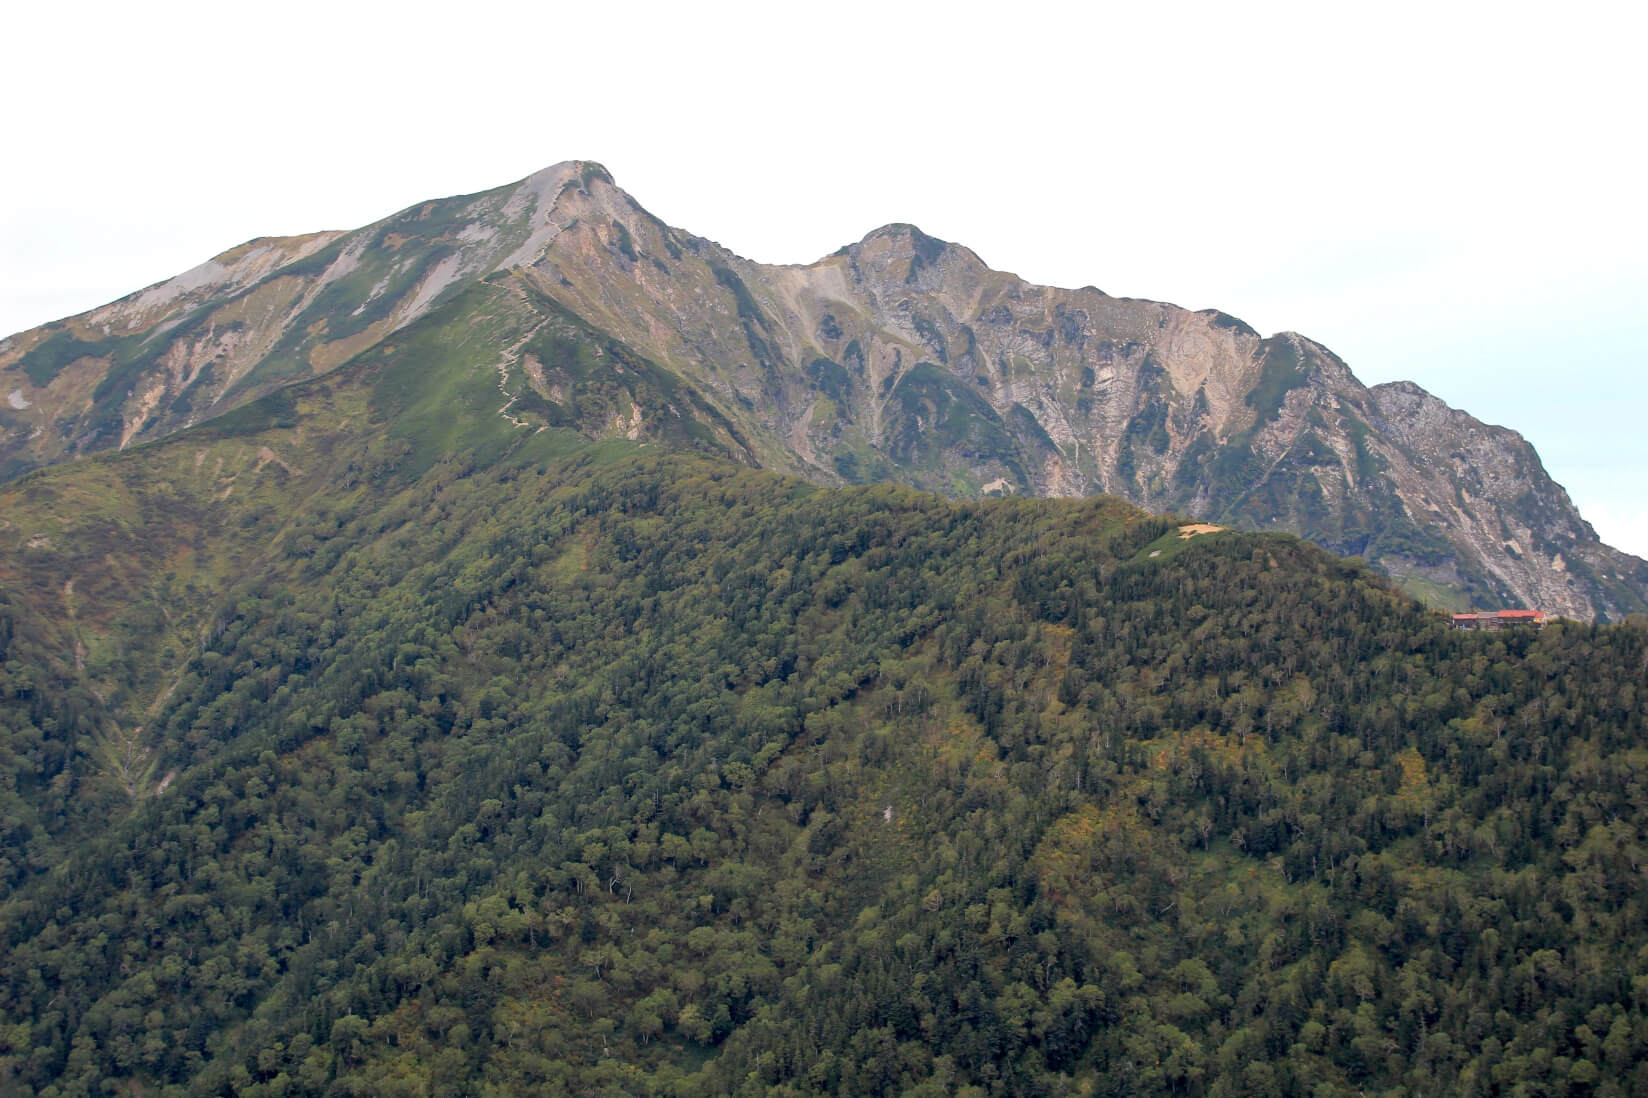 種池山荘から爺ヶ岳にかけての稜線より